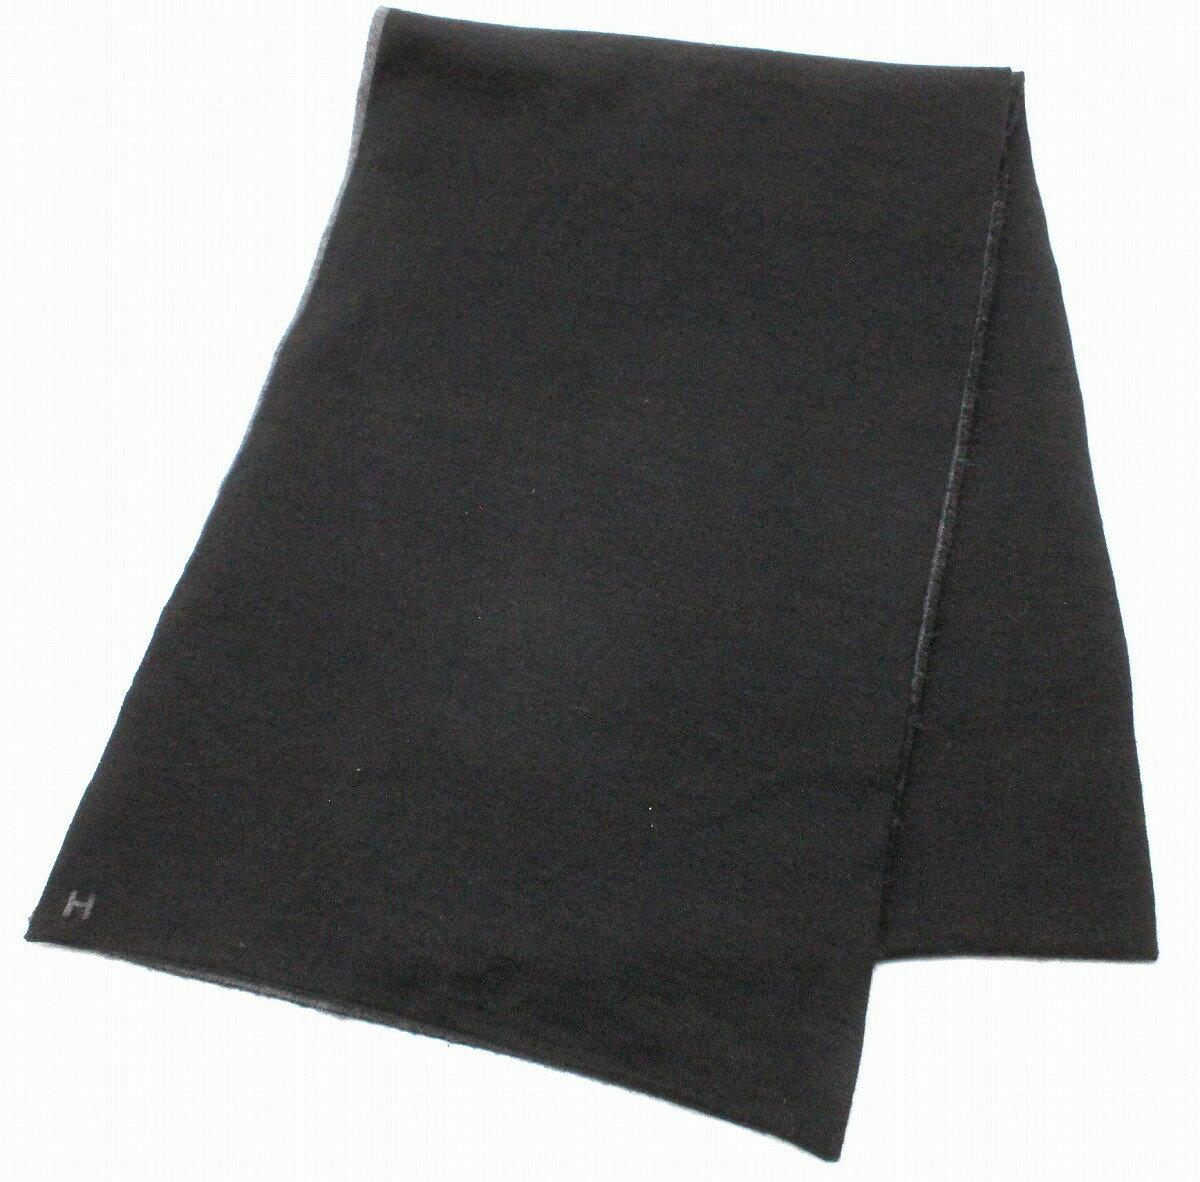 HERMES エルメス マフラー ストール カシミア シルク ブラック 黒 グレー 【中古】【k】